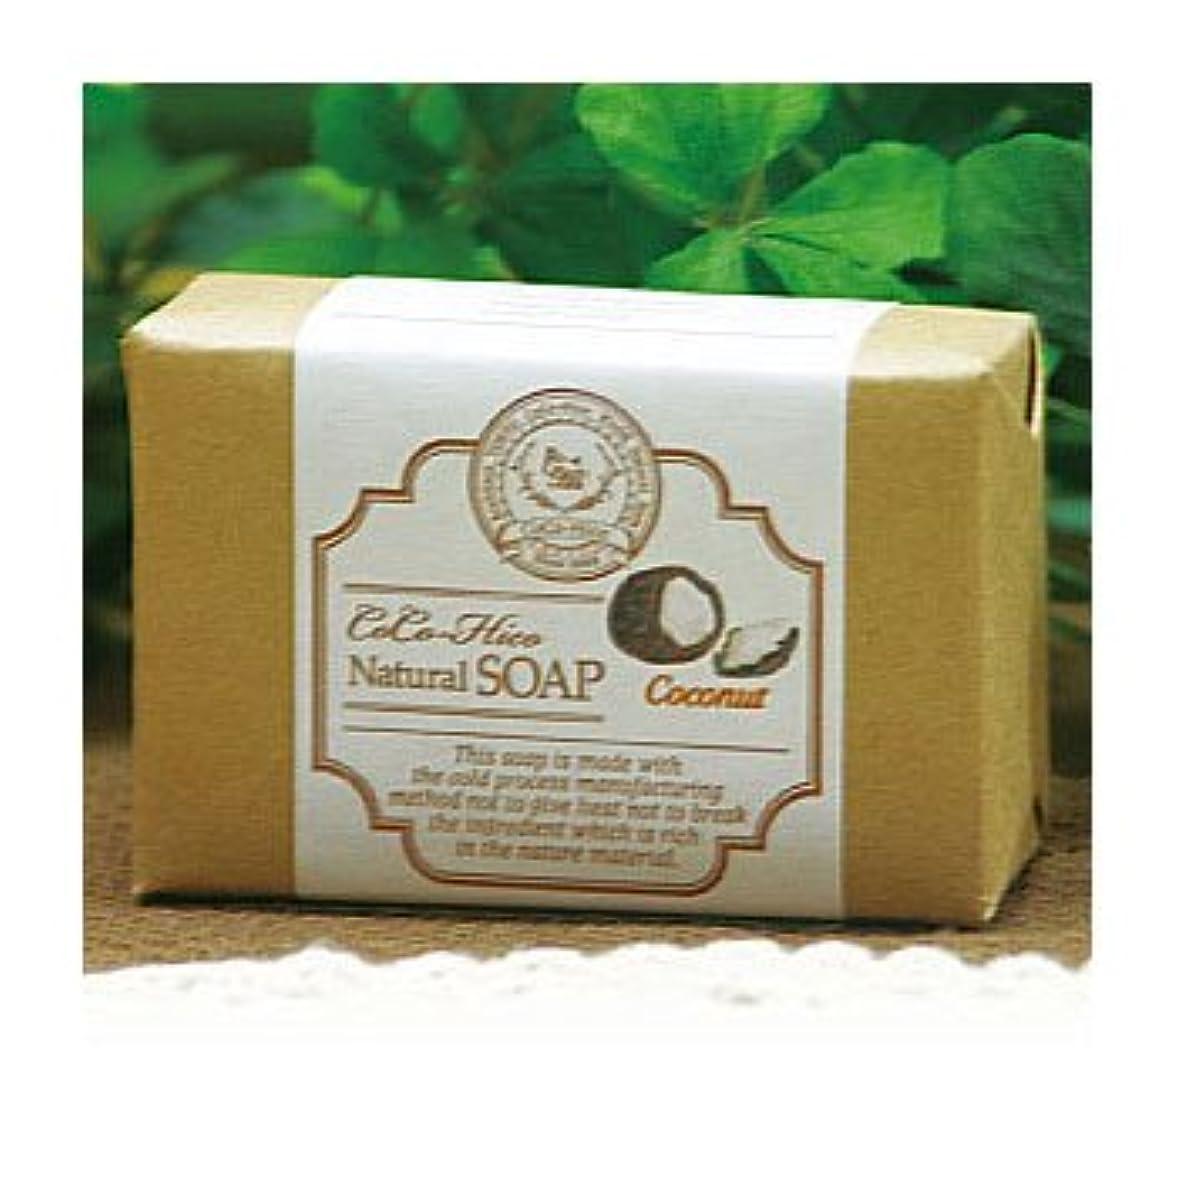 タッチそうイースター【無添加 手作り 石鹸】-CoCo-Hico SOAP-ココヒコ石鹸 無香料(ココナッツ)